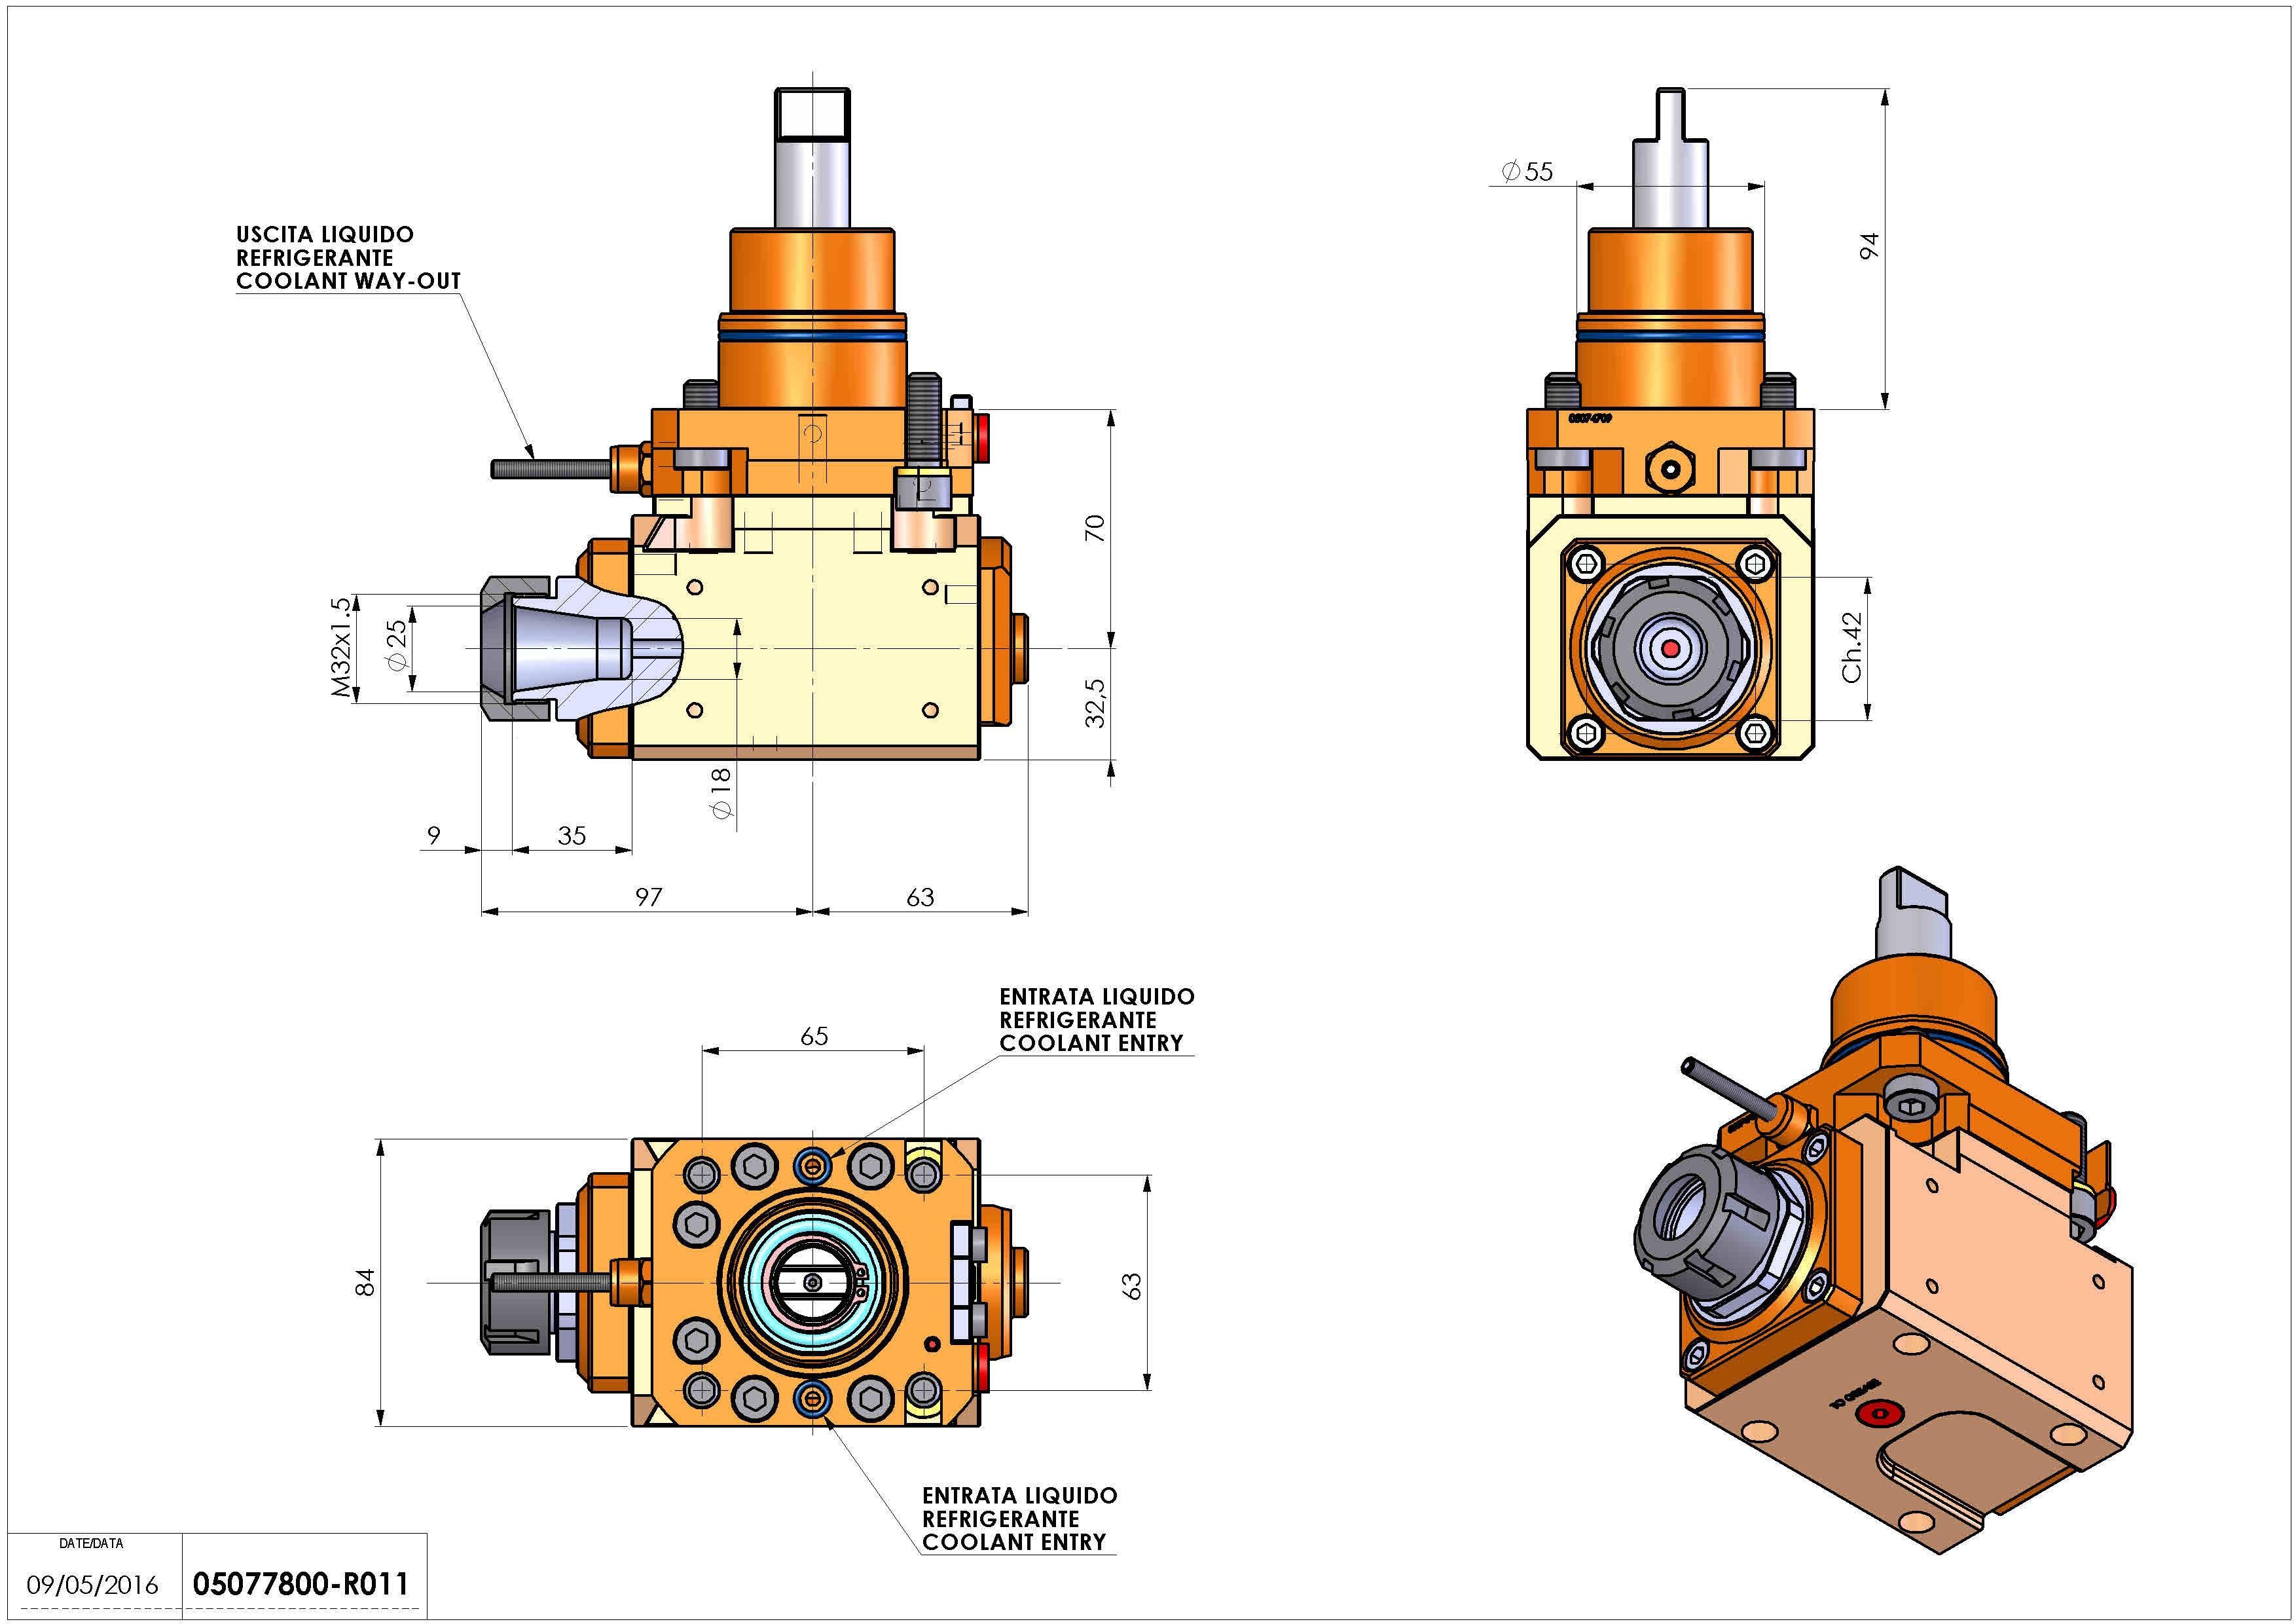 Technical image - LT-A D55 ER25 LR 1:2 H70 BI.